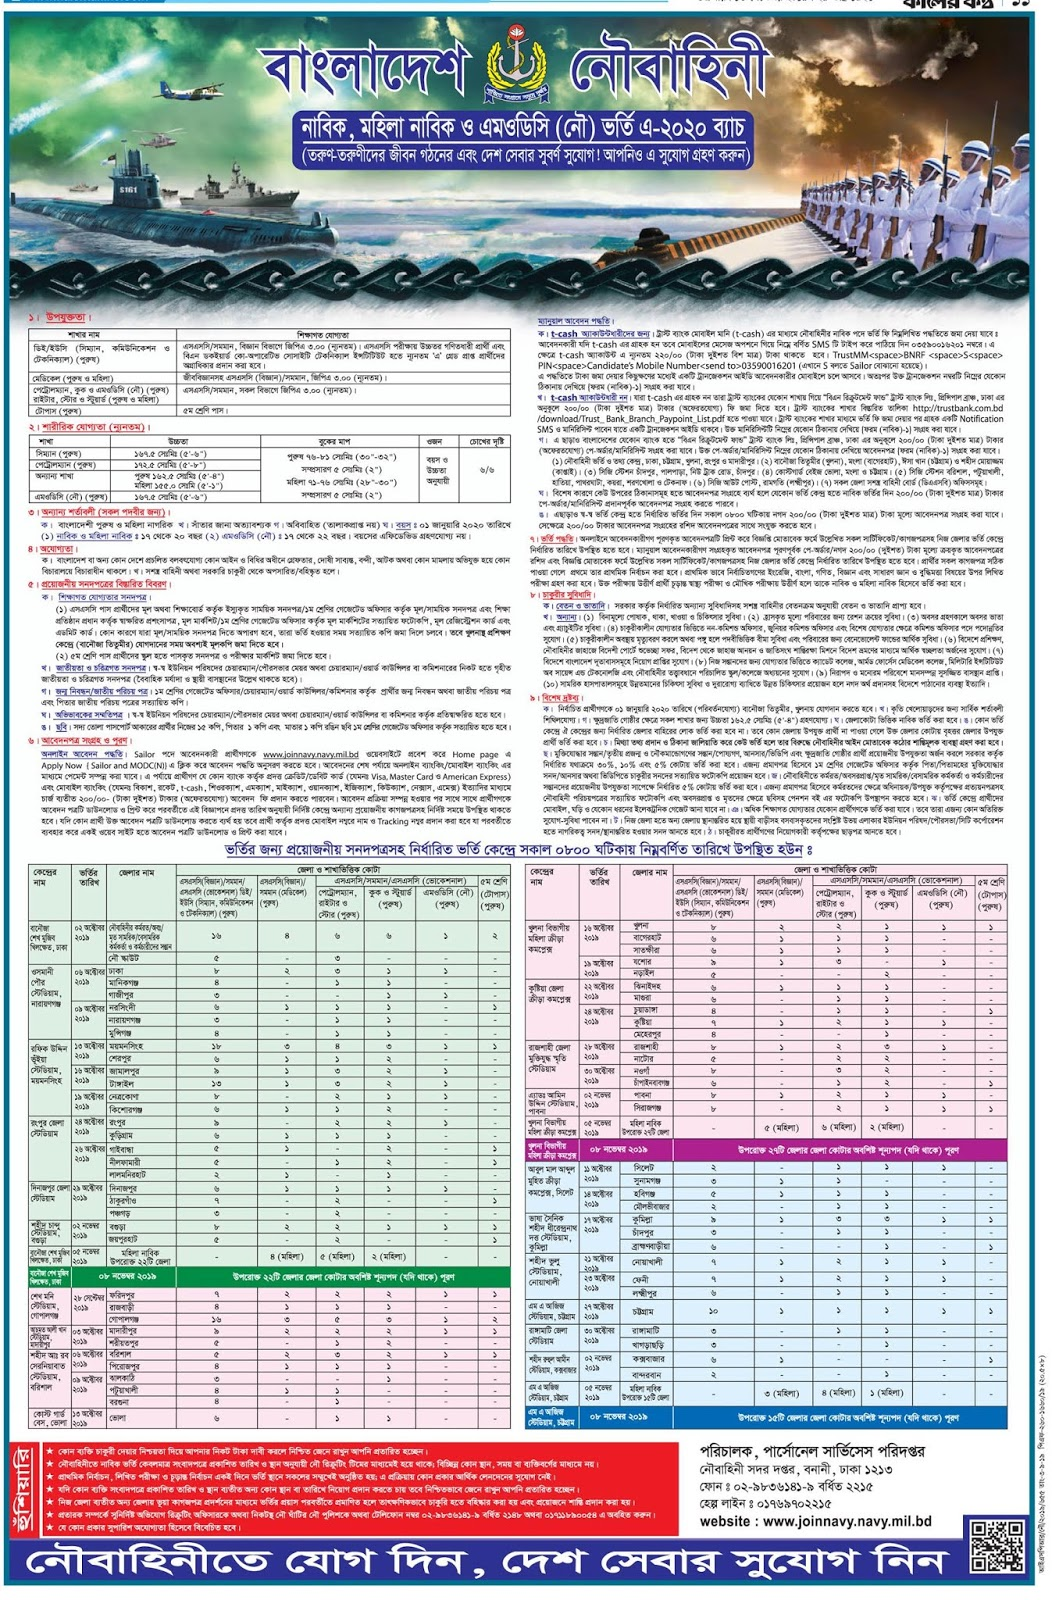 বাংলাদেশ নৌবাহিনীর নতুন নিয়োগ বিজ্ঞপ্তি প্রকাশ